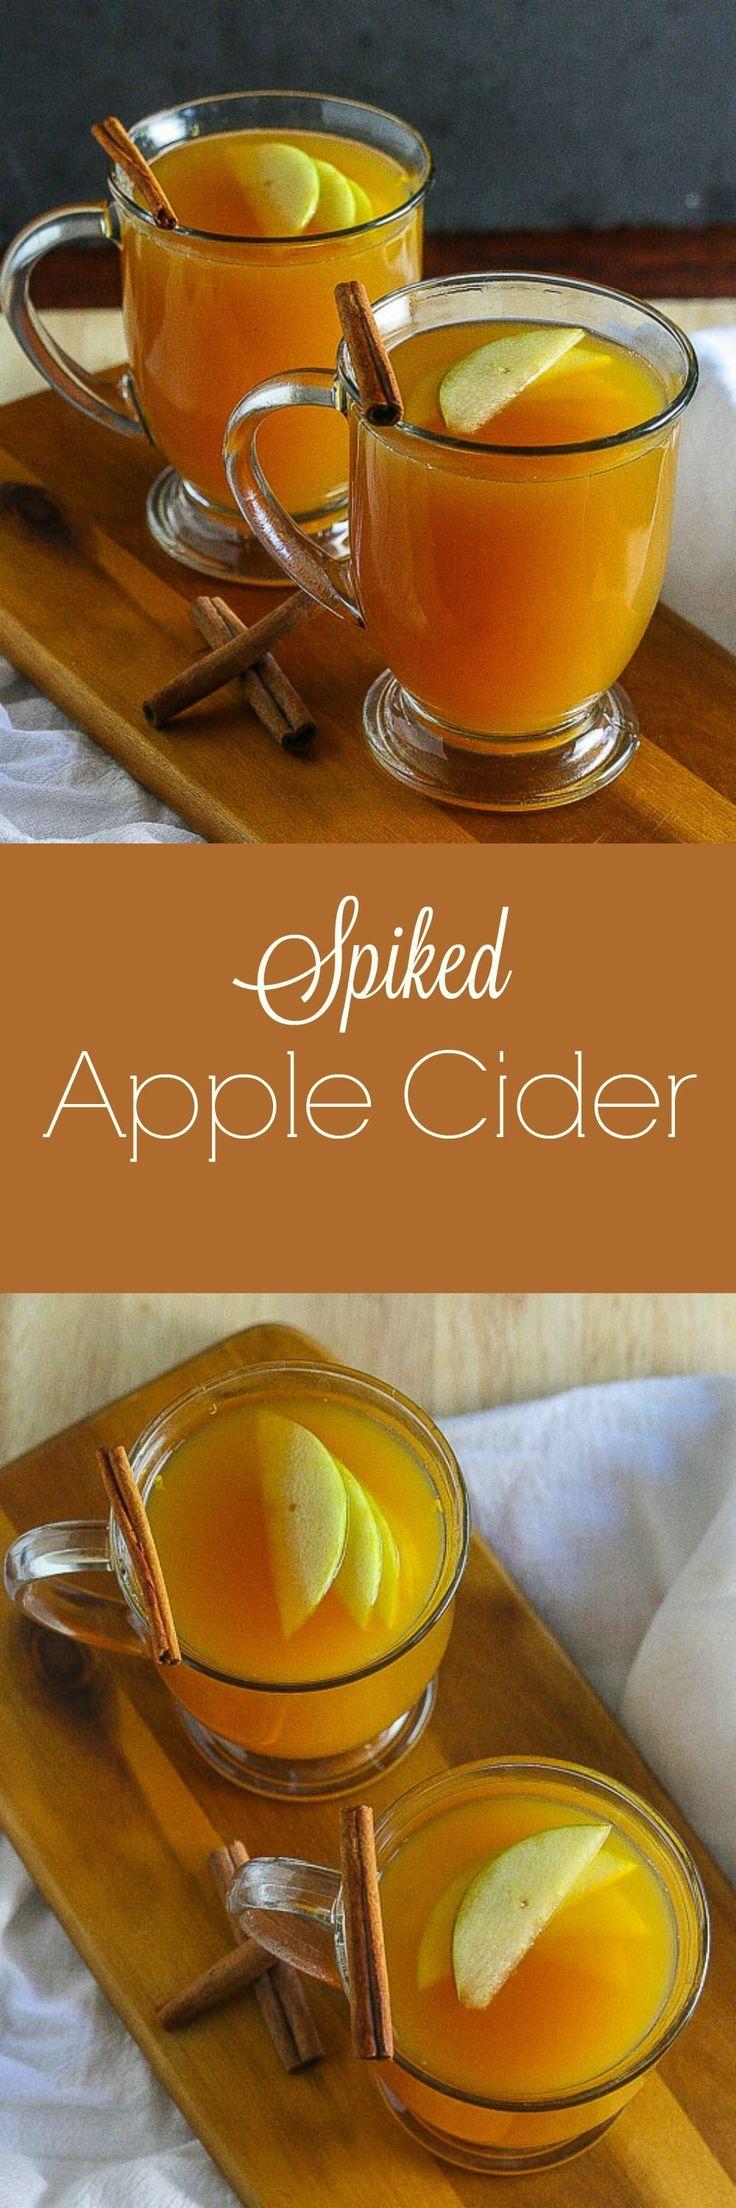 spiked apple cider apple cider drink spiked apple cider holiday drinks ...